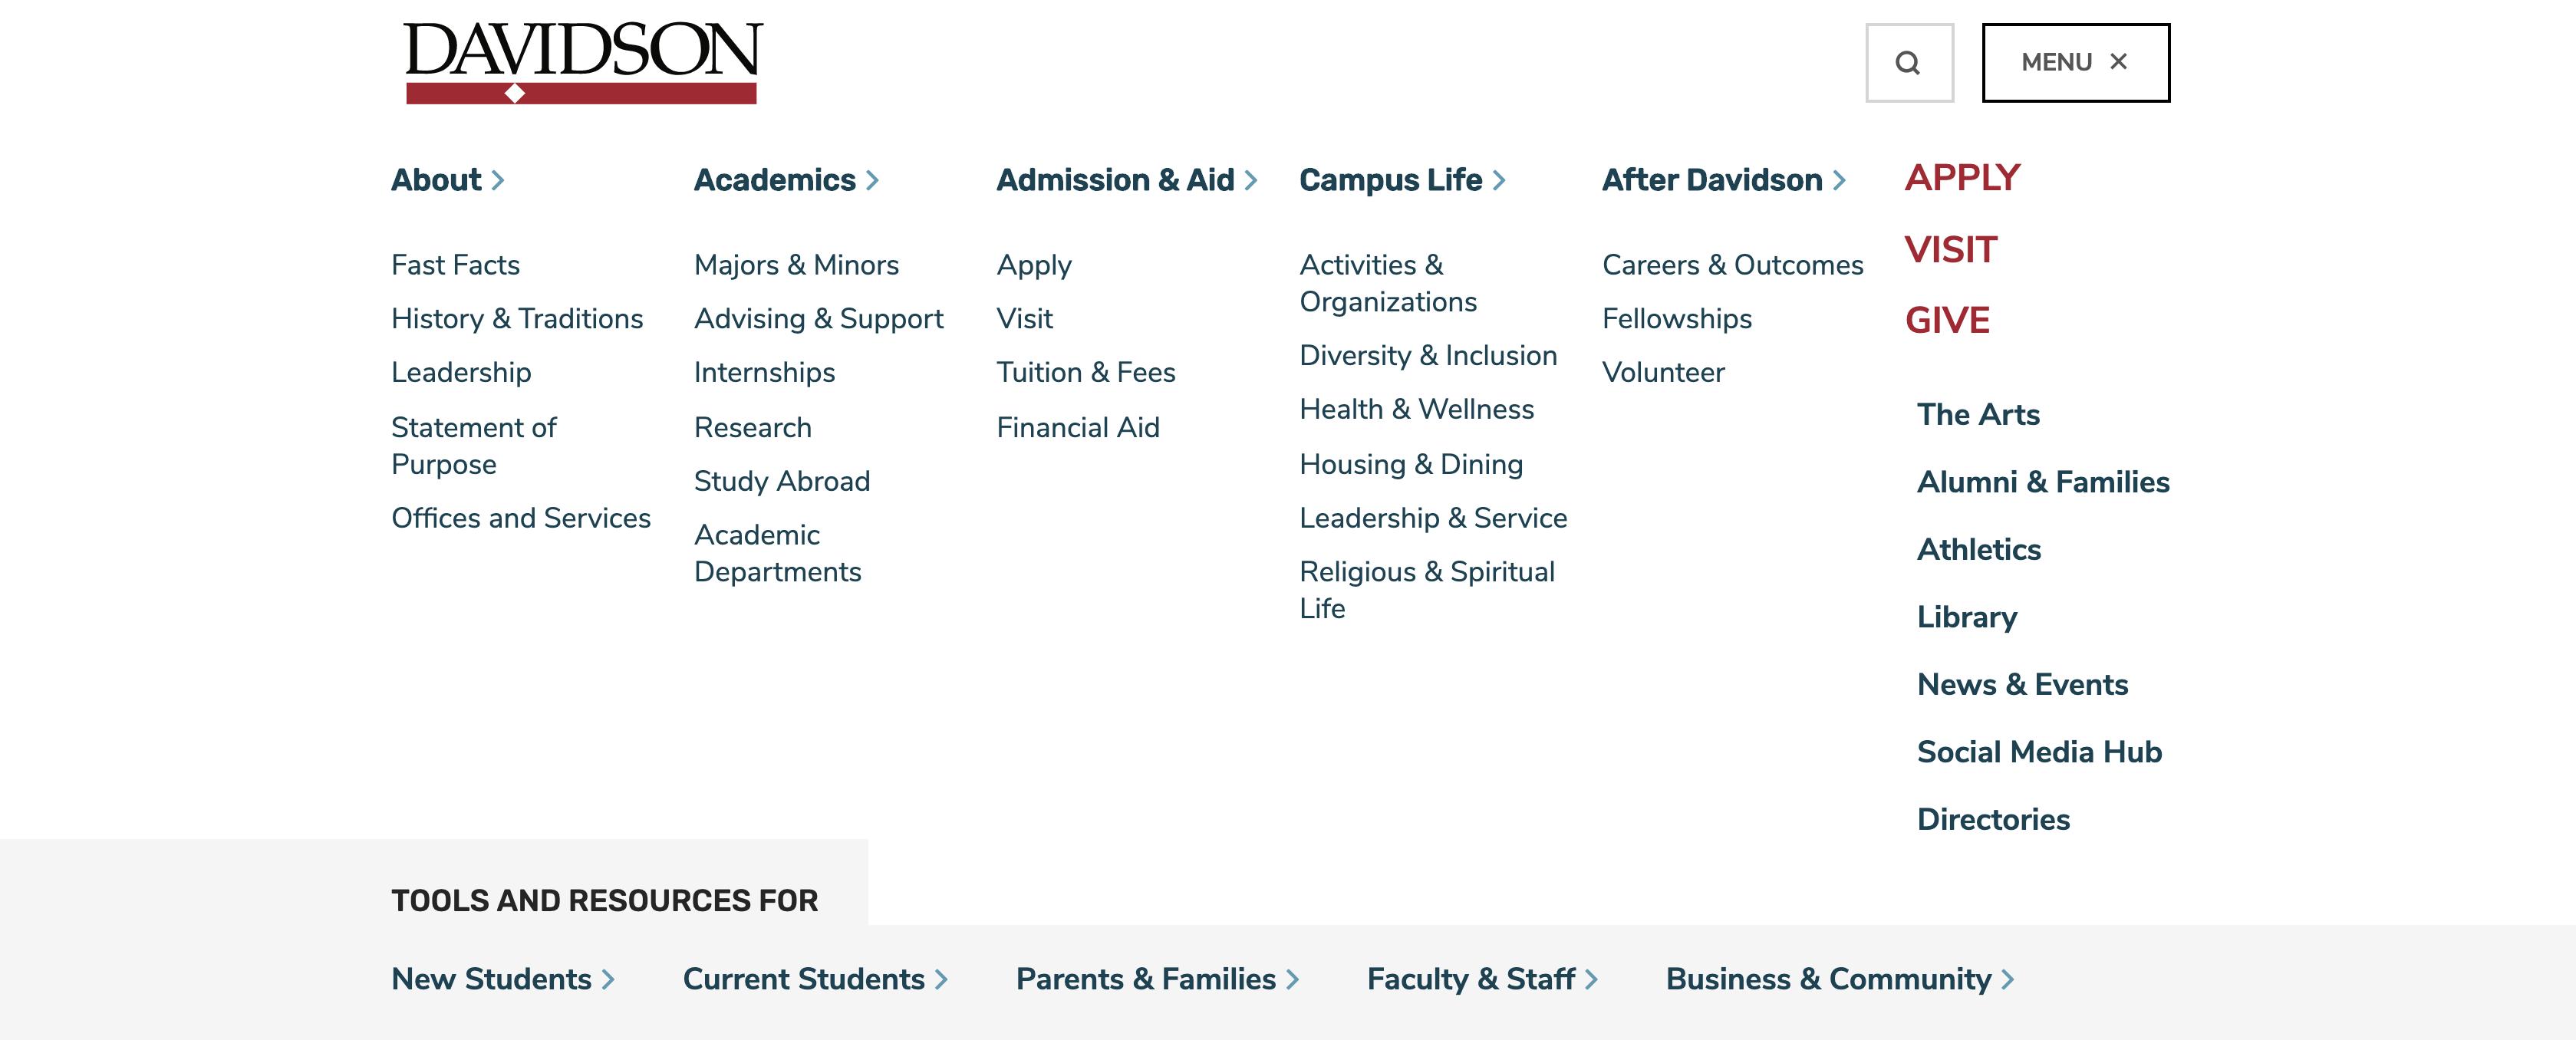 Screenshot of Davidson.edu Mega Menu